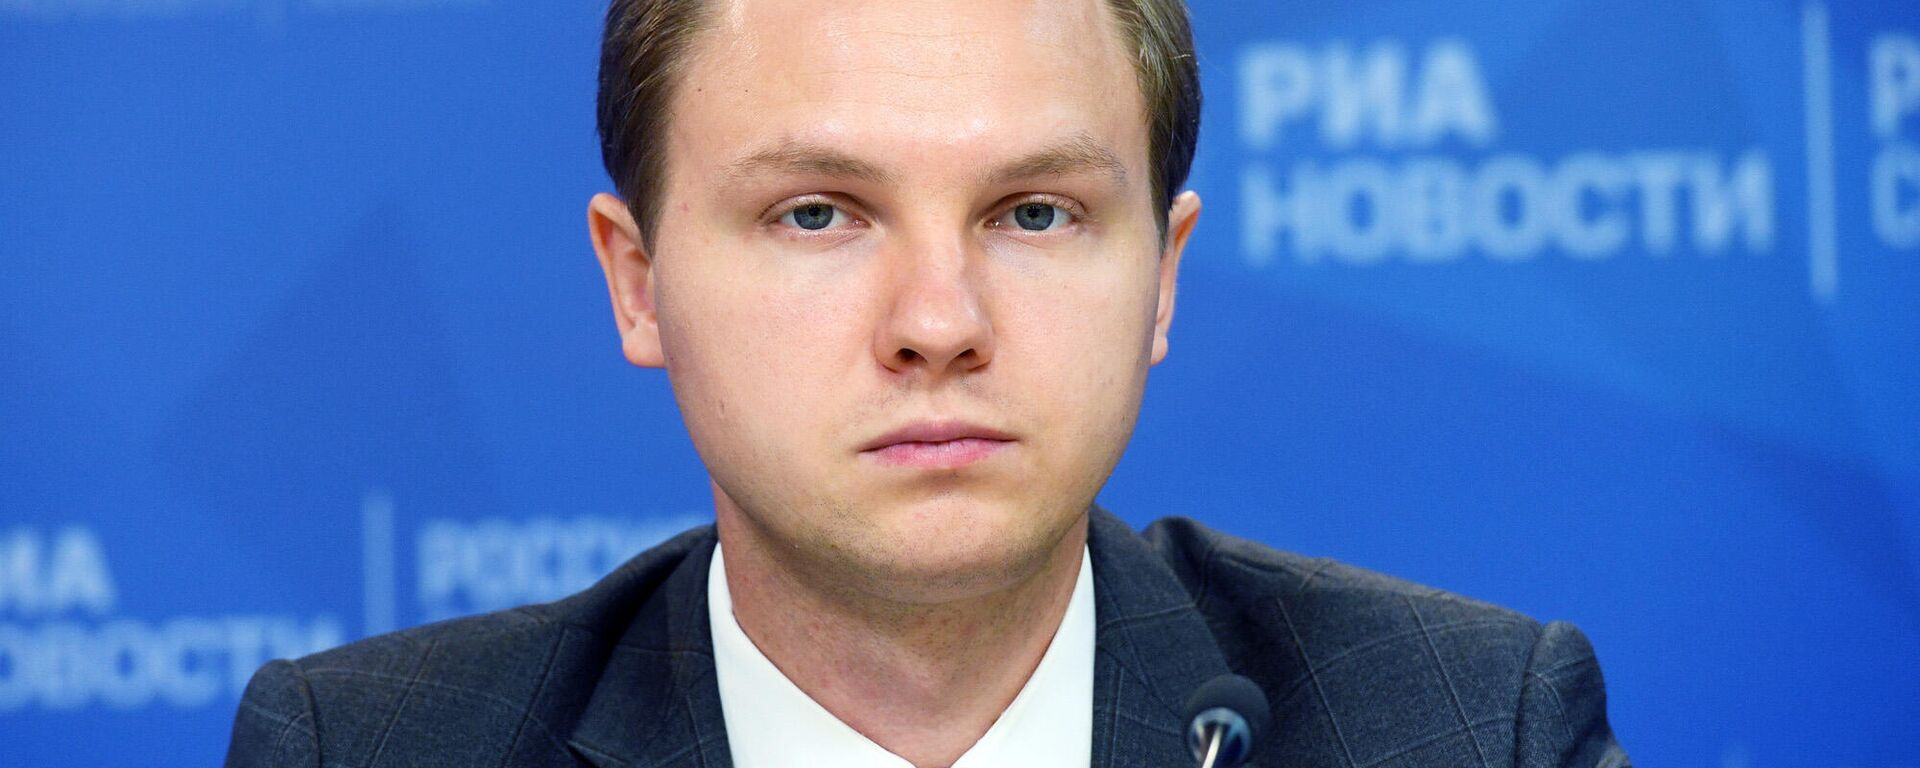 Юшков: как Европа хотела обвести Россию вокруг пальца, но получила газ по 2000 долларов - Sputnik Узбекистан, 1920, 08.10.2021